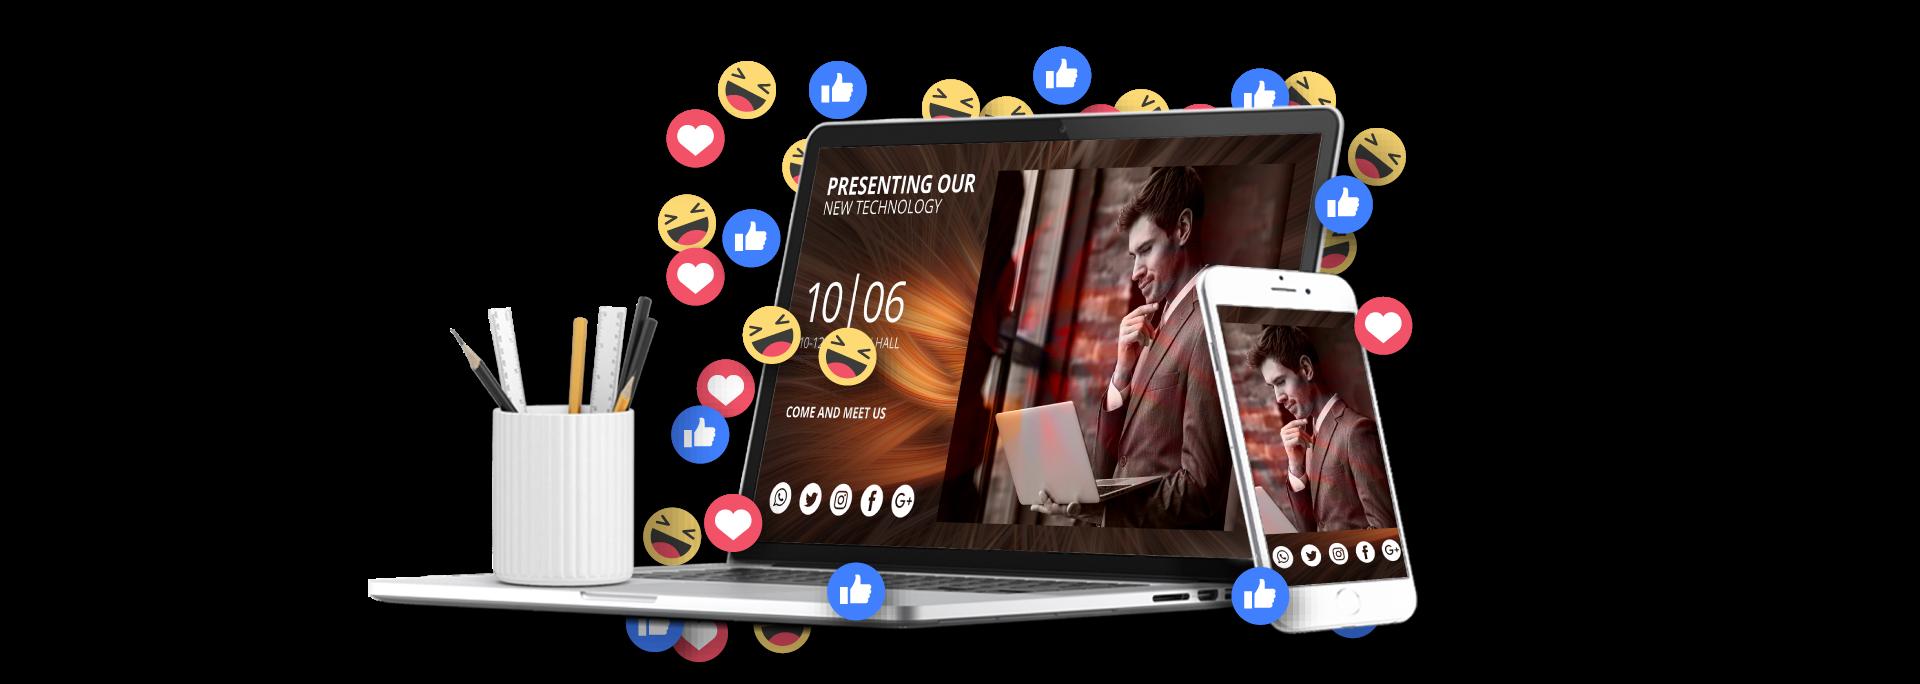 8P Marketing Digital Metricas de Vaidade